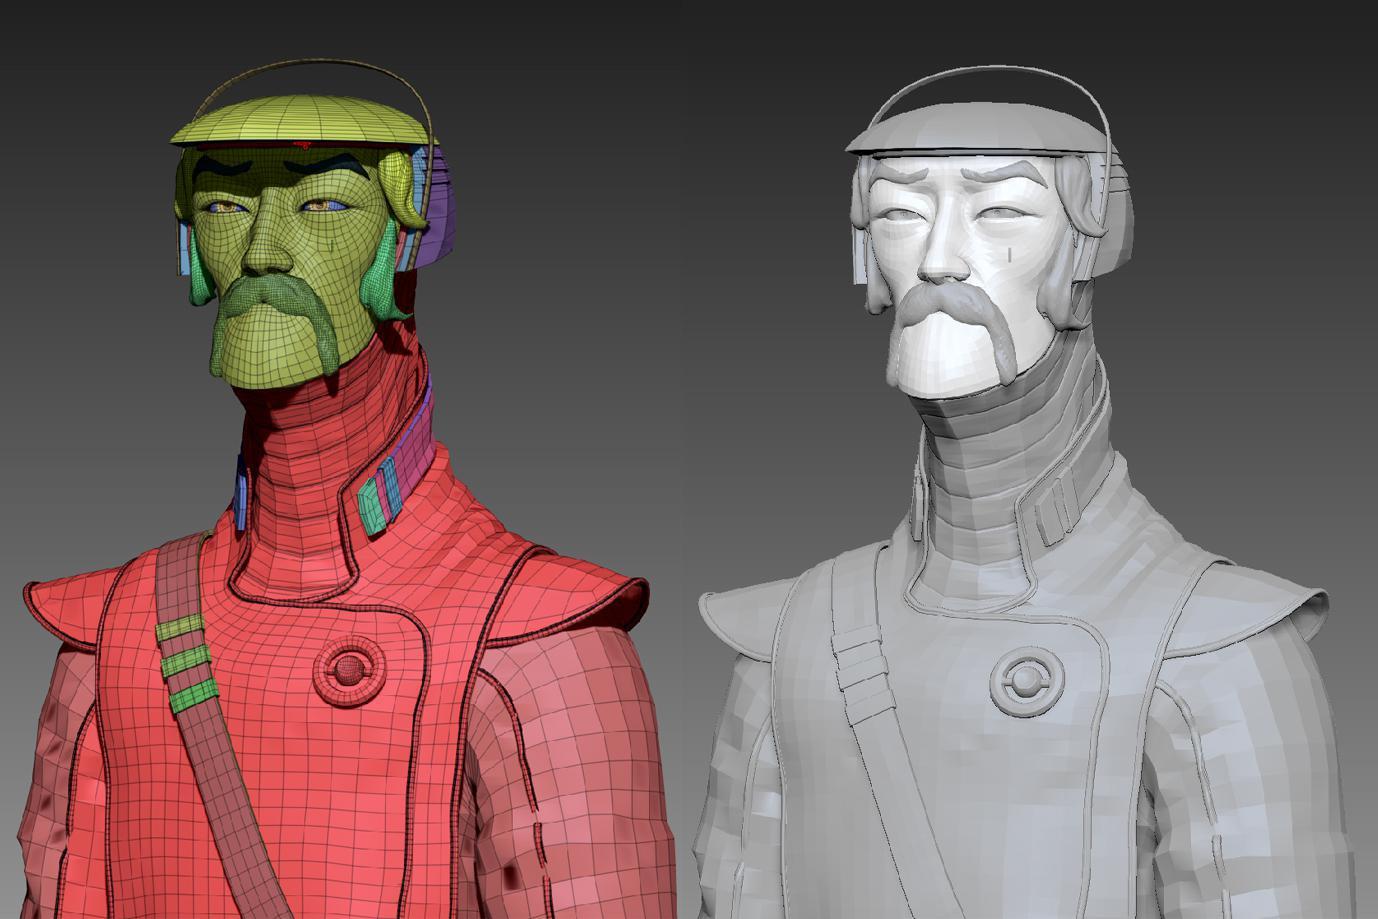 details rendering modeling sculpting 3d character design